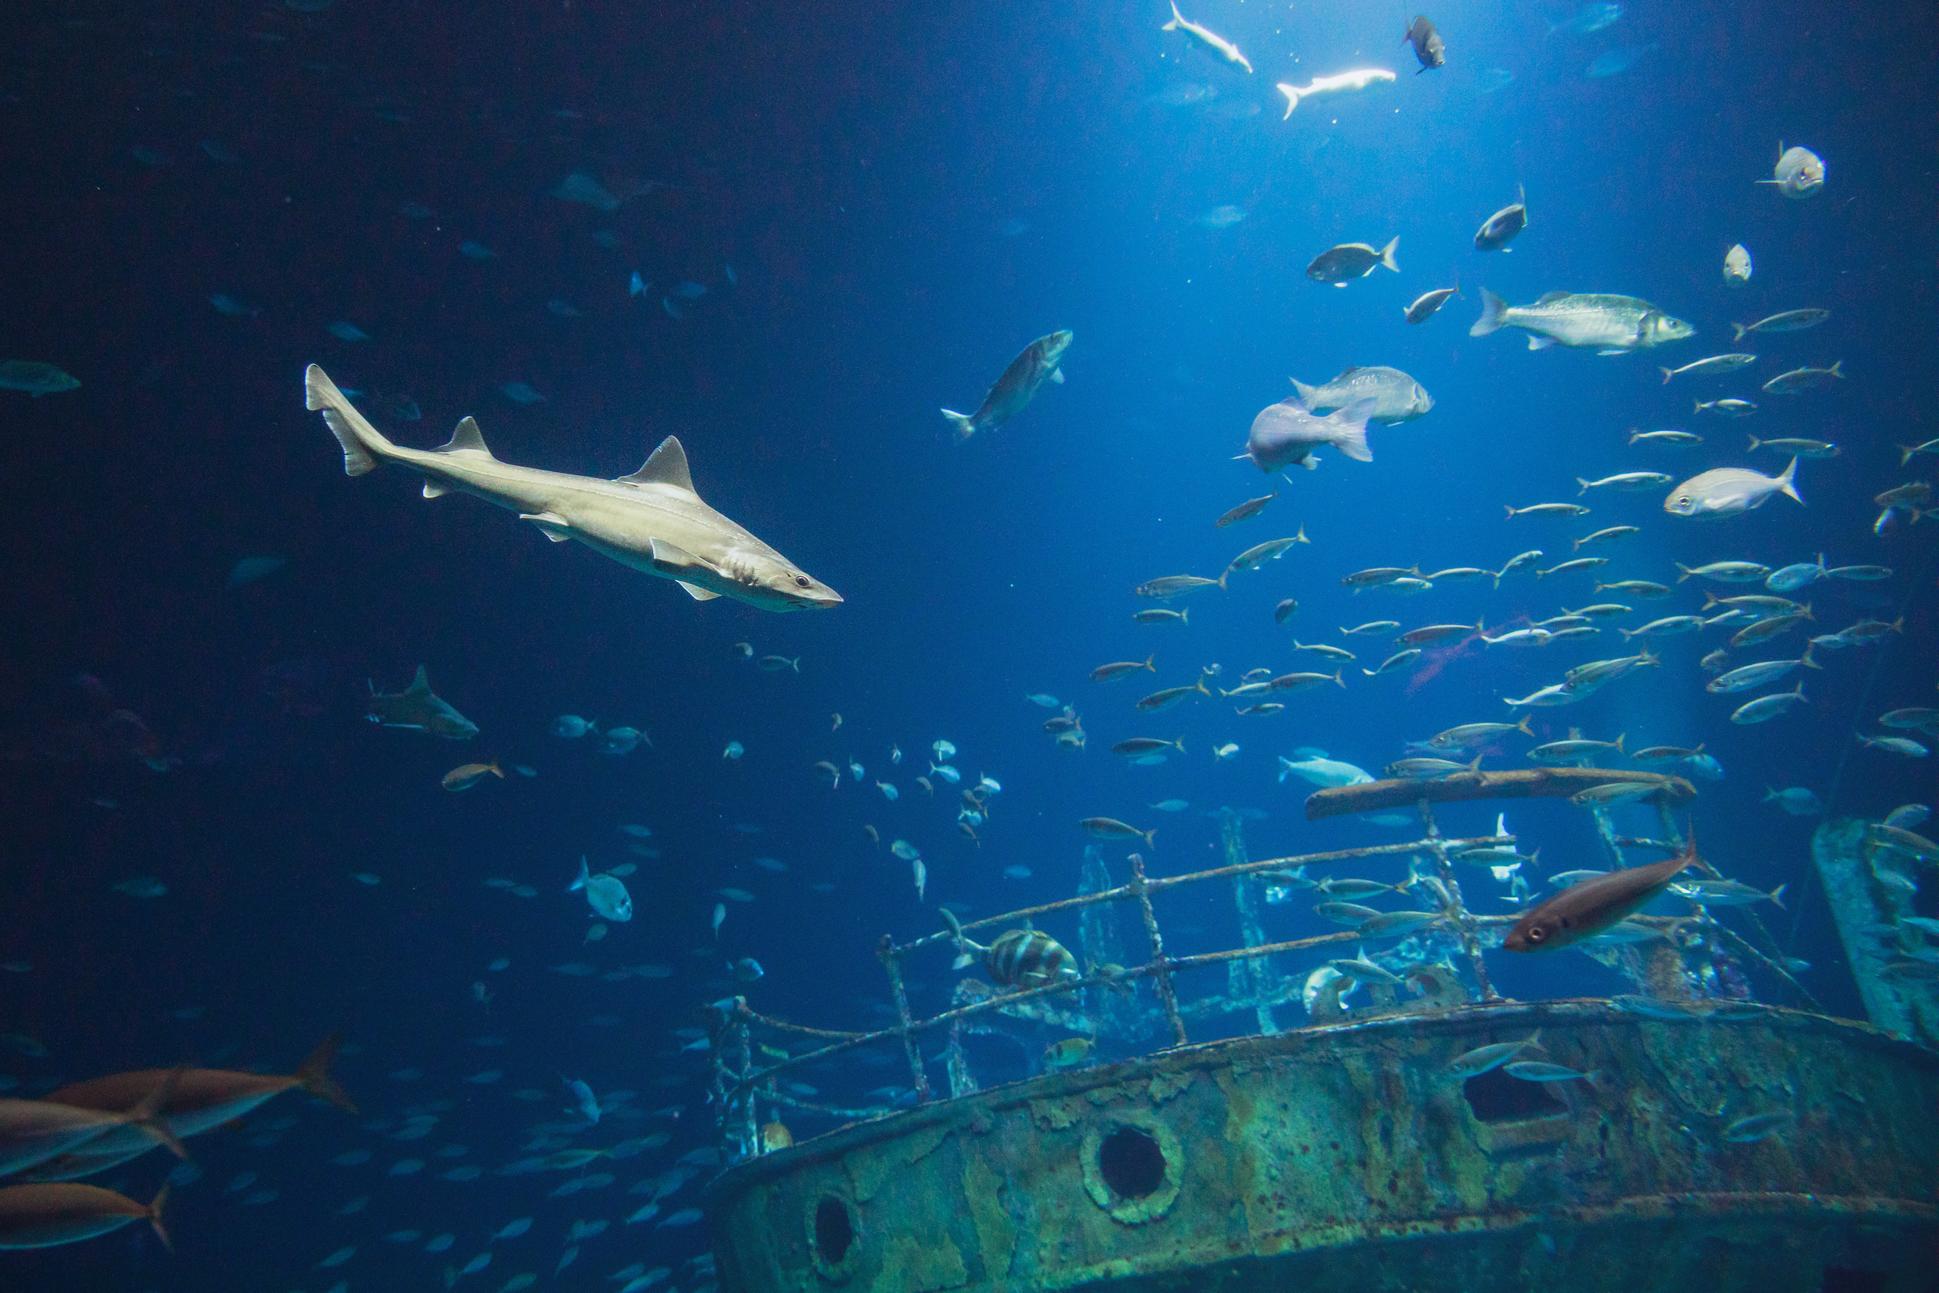 öffnungszeiten Ozeaneum